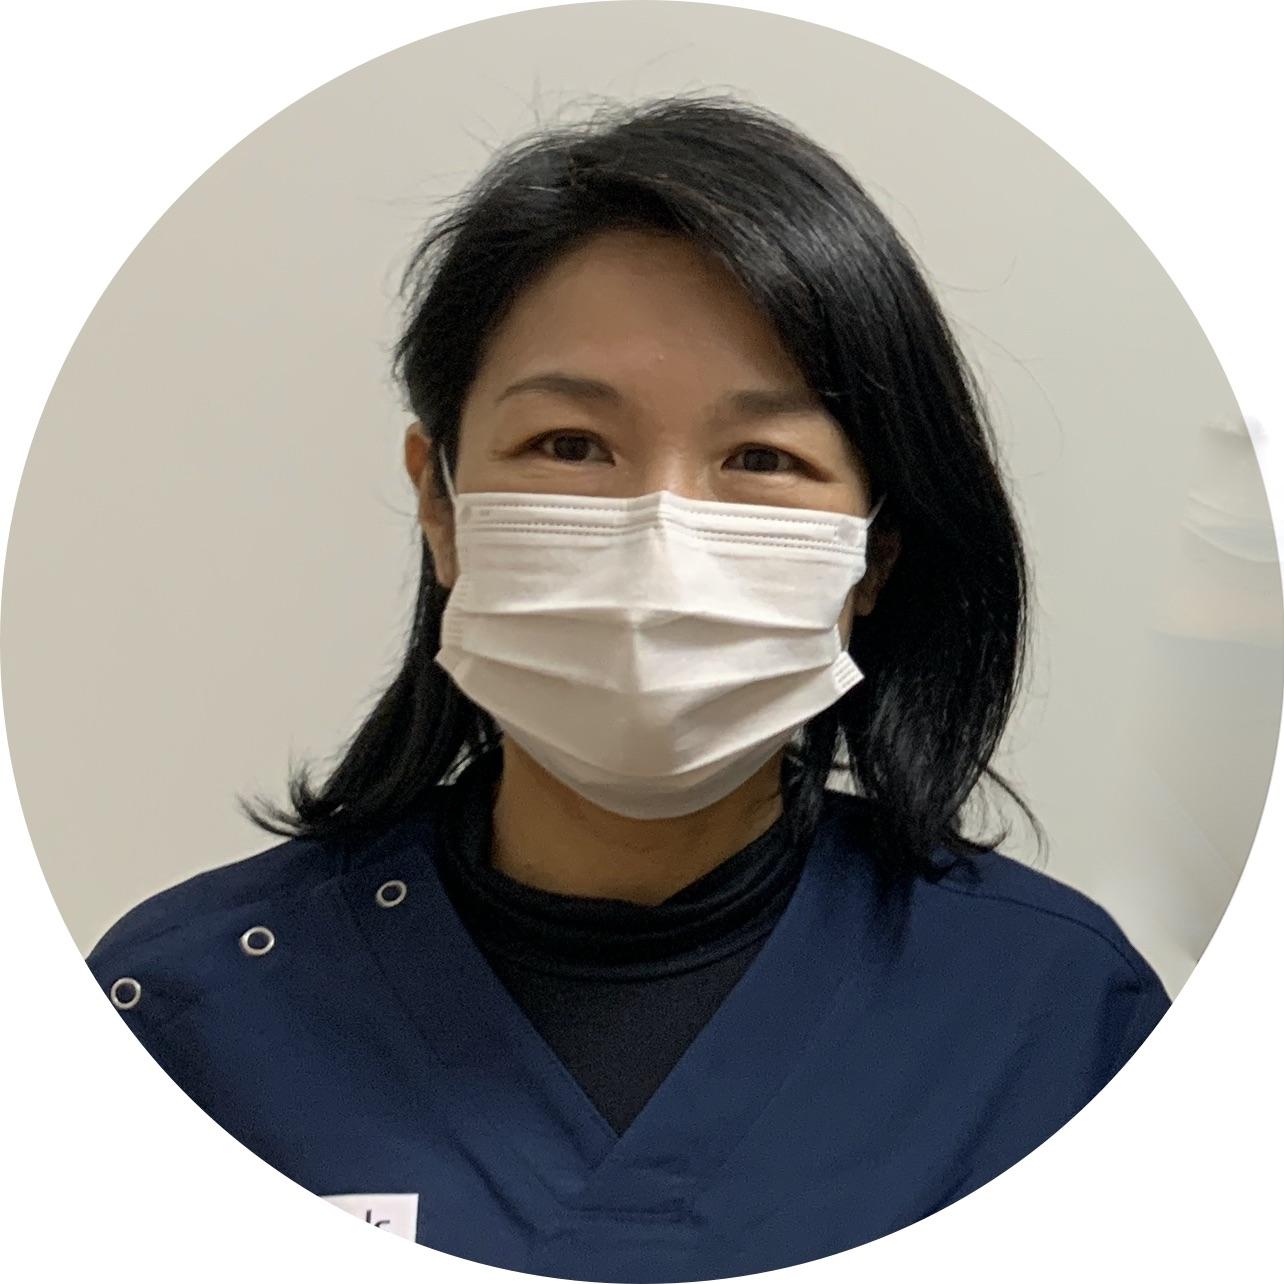 【新型コロナウイルス緊急支援】大阪コロナ重症者センター支援~甲斐看護師の想い~